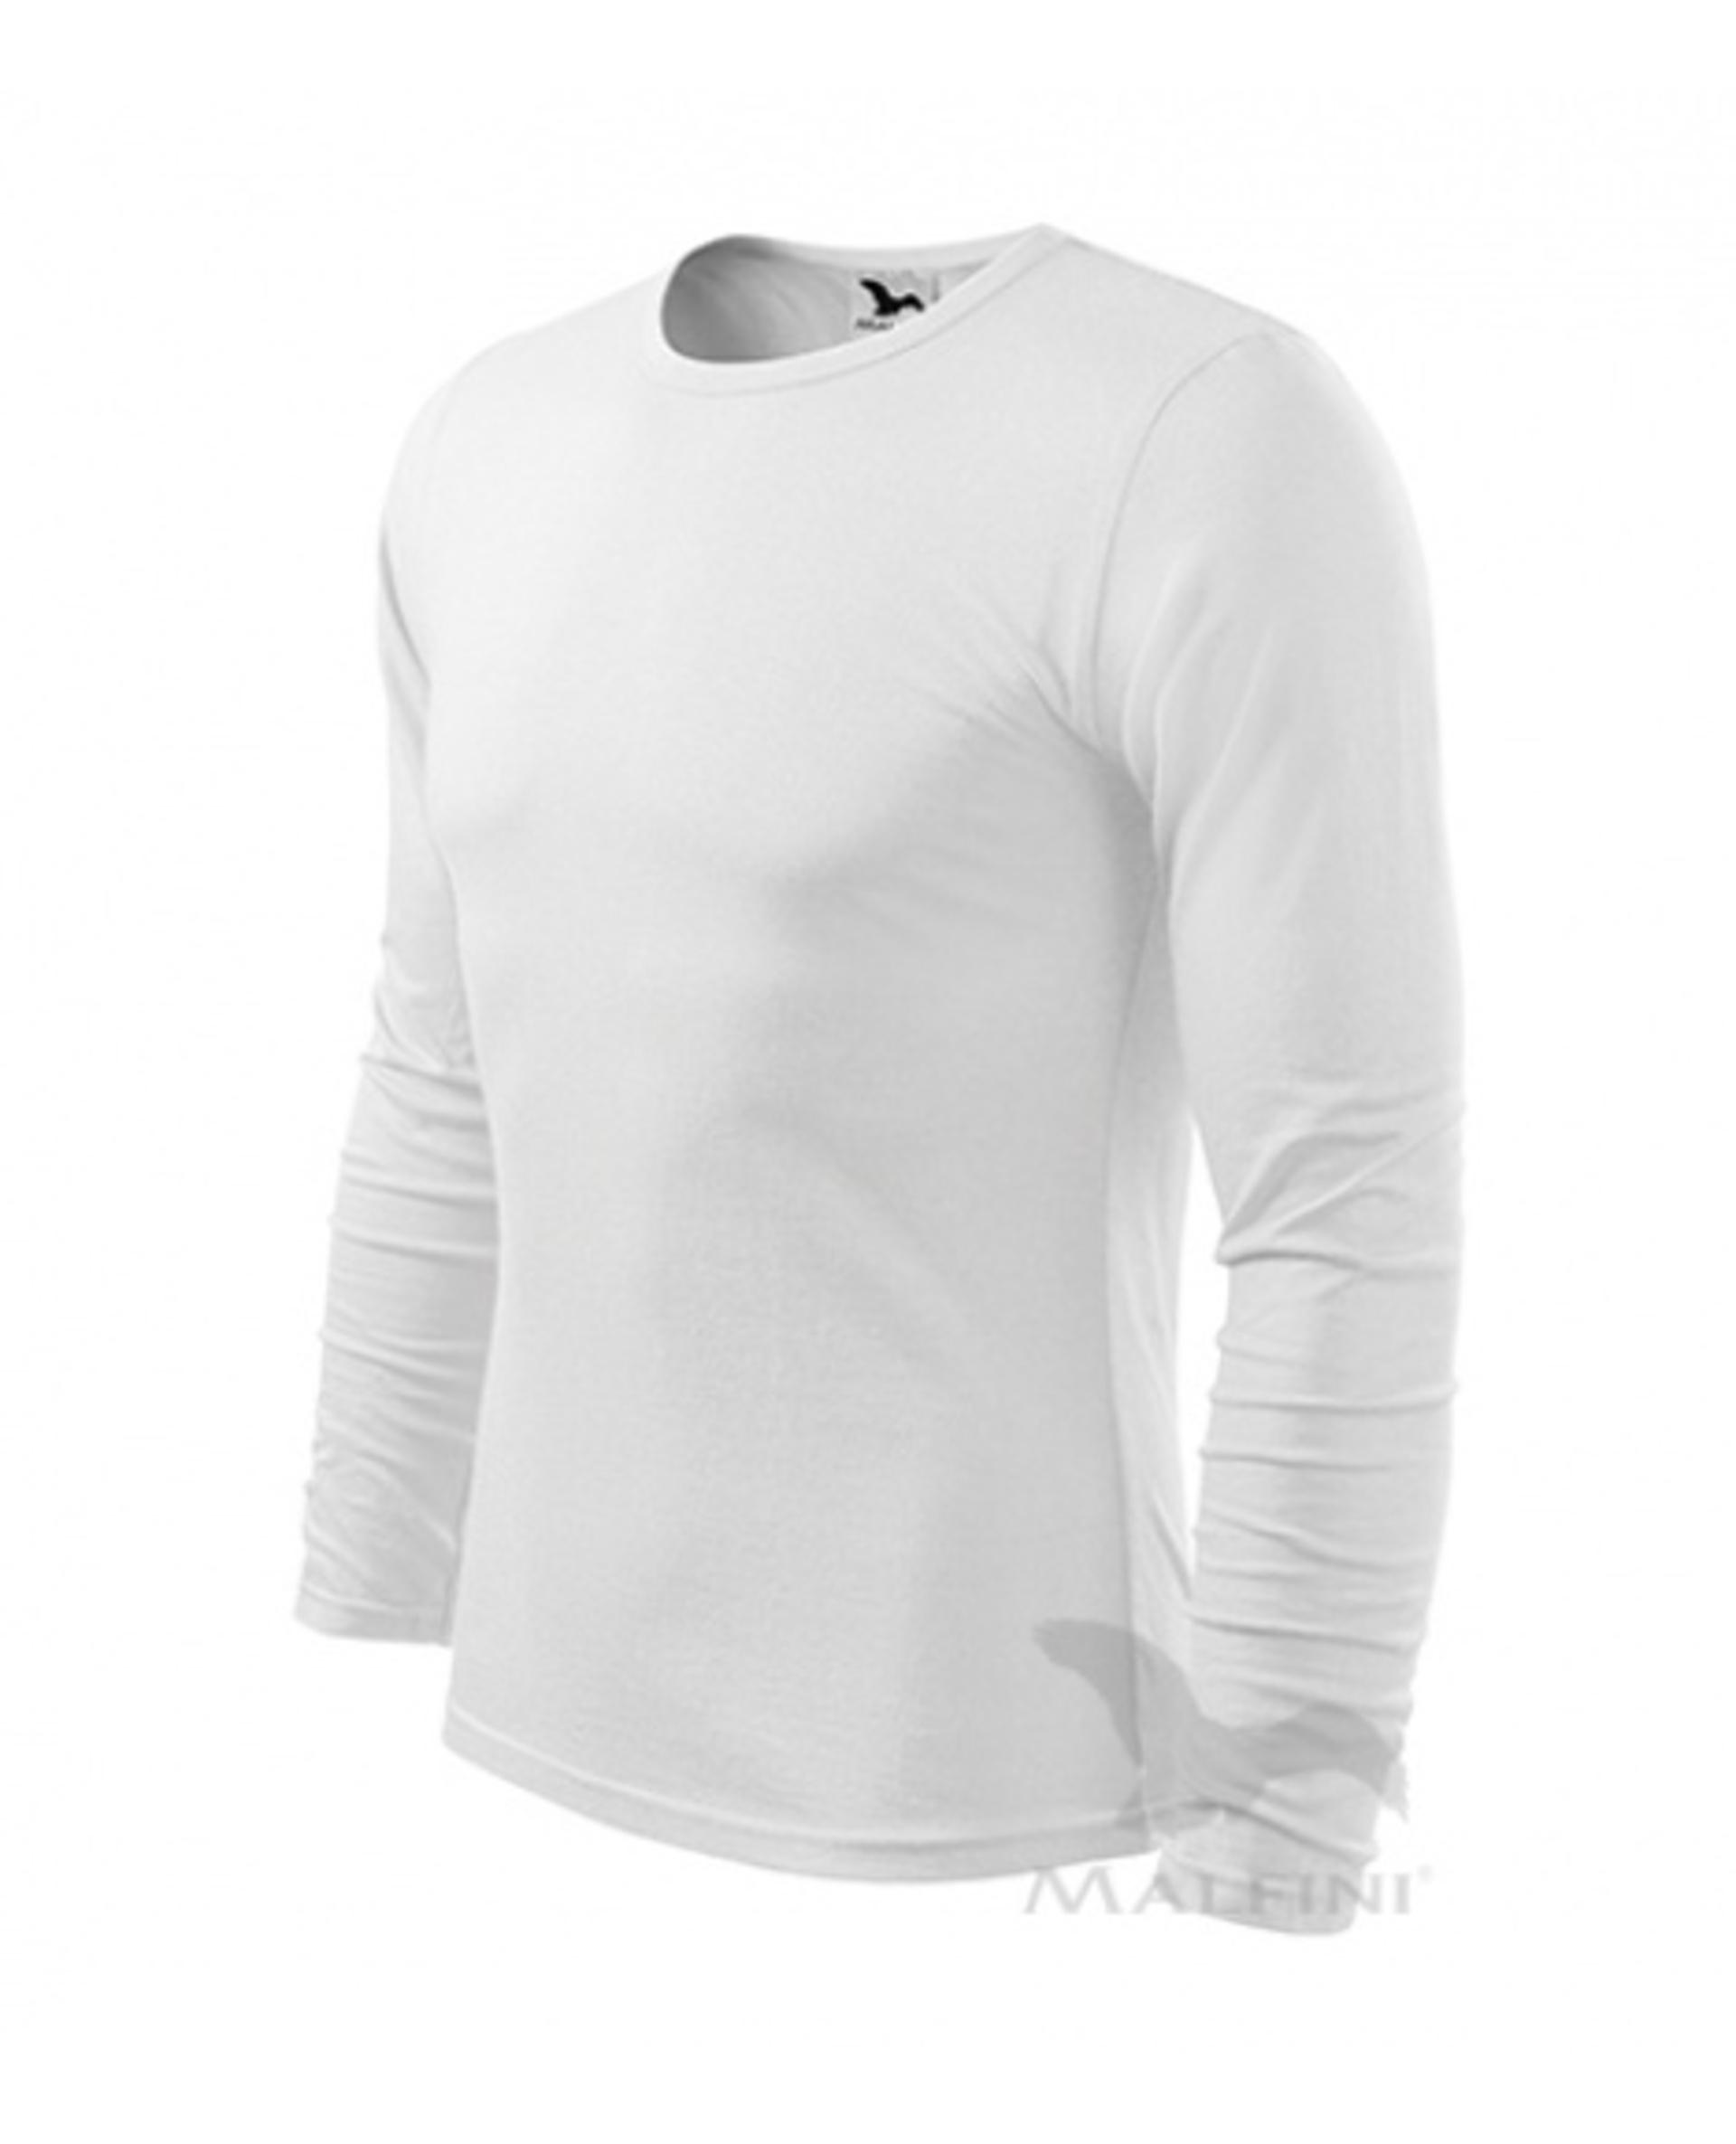 ADLER FIT-T LONG SLEEVE pánské dlouhý rukáv Tričko bílá S